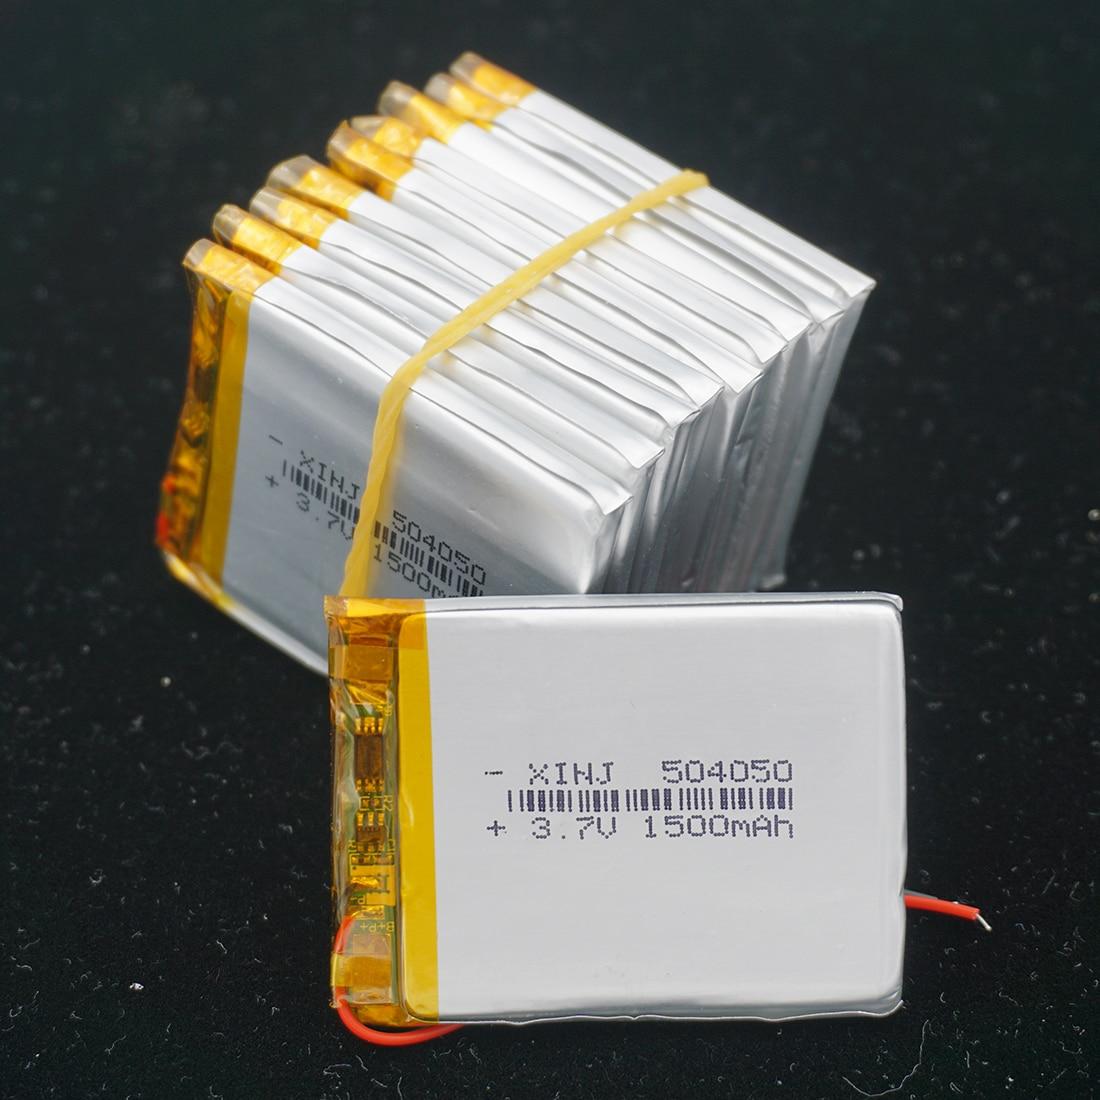 XINJ 10pcs 3.7V 1500mAh Li bateria de polímero de lítio célula de bateria li po 504050 Para GPS Sat Nav DIY câmera E-book gravador de condução